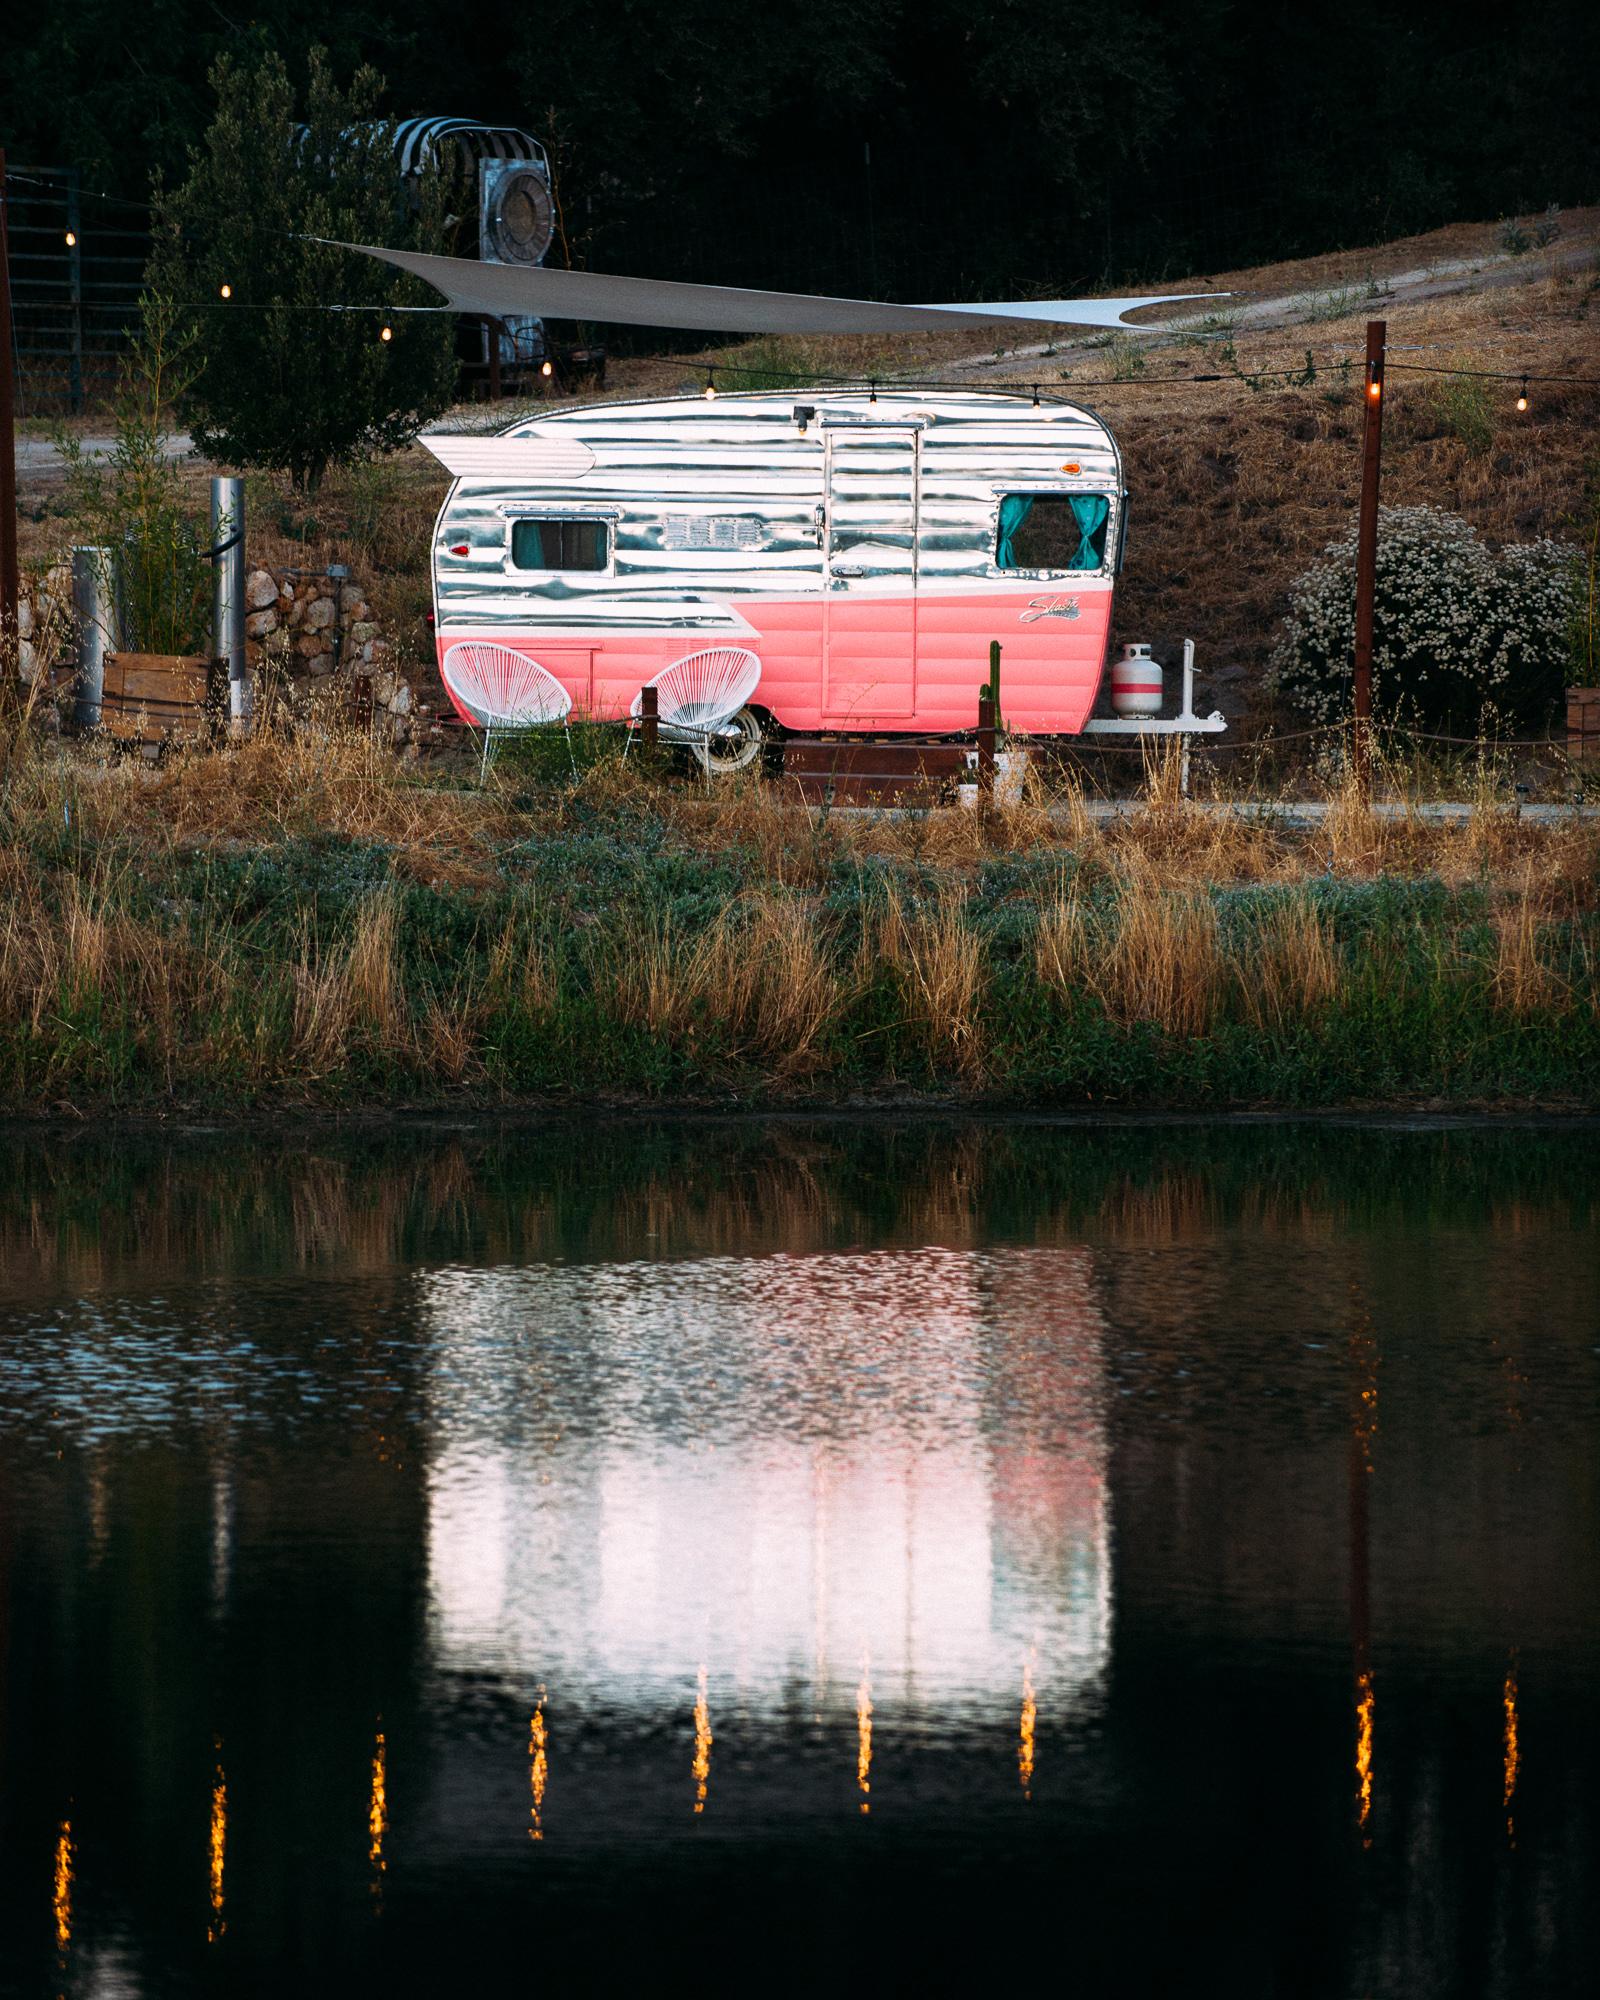 The Trailer Pond Vintage Trailer Rentals